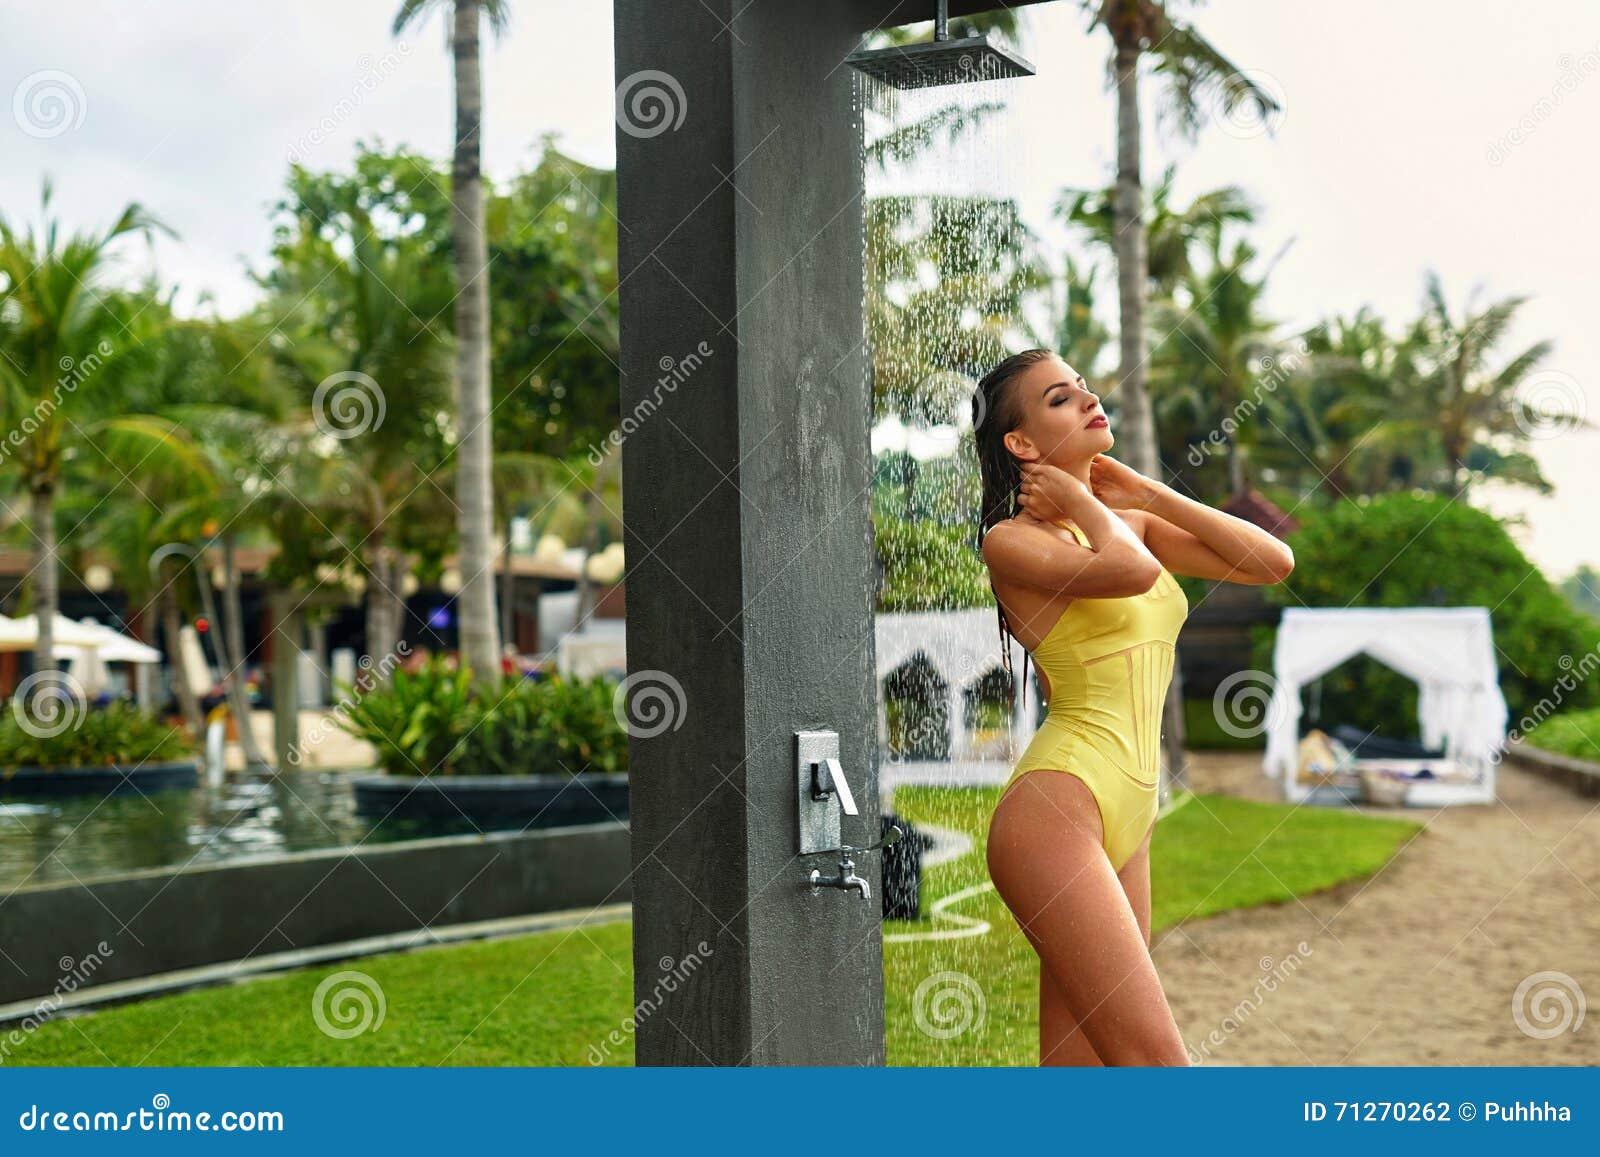 Mädchen Fitness-Dusche Nacktbilder